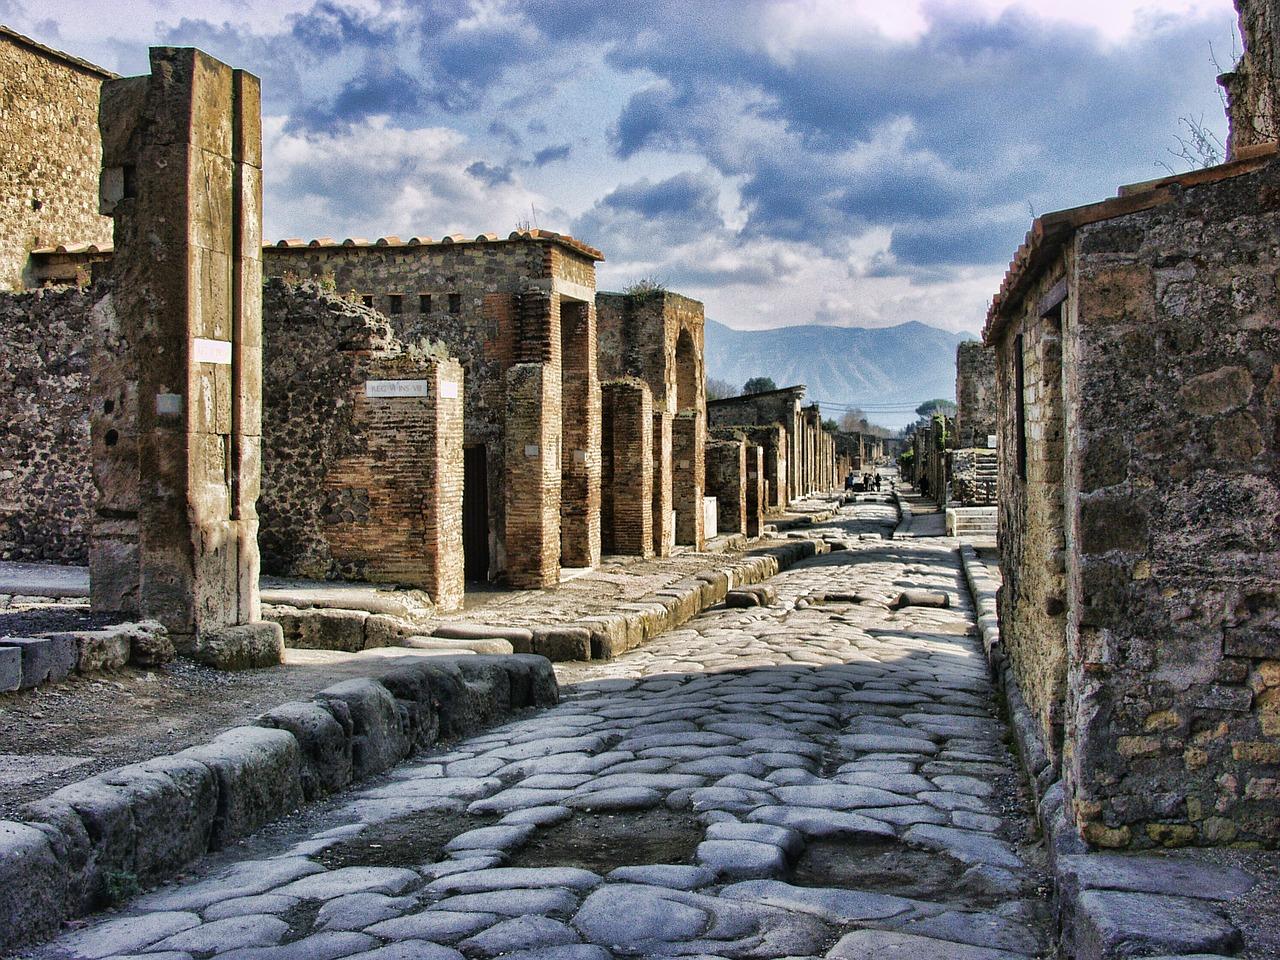 ポンペイ遺跡を観光!火山噴火で消滅した古代都市の歴史や見どころは?